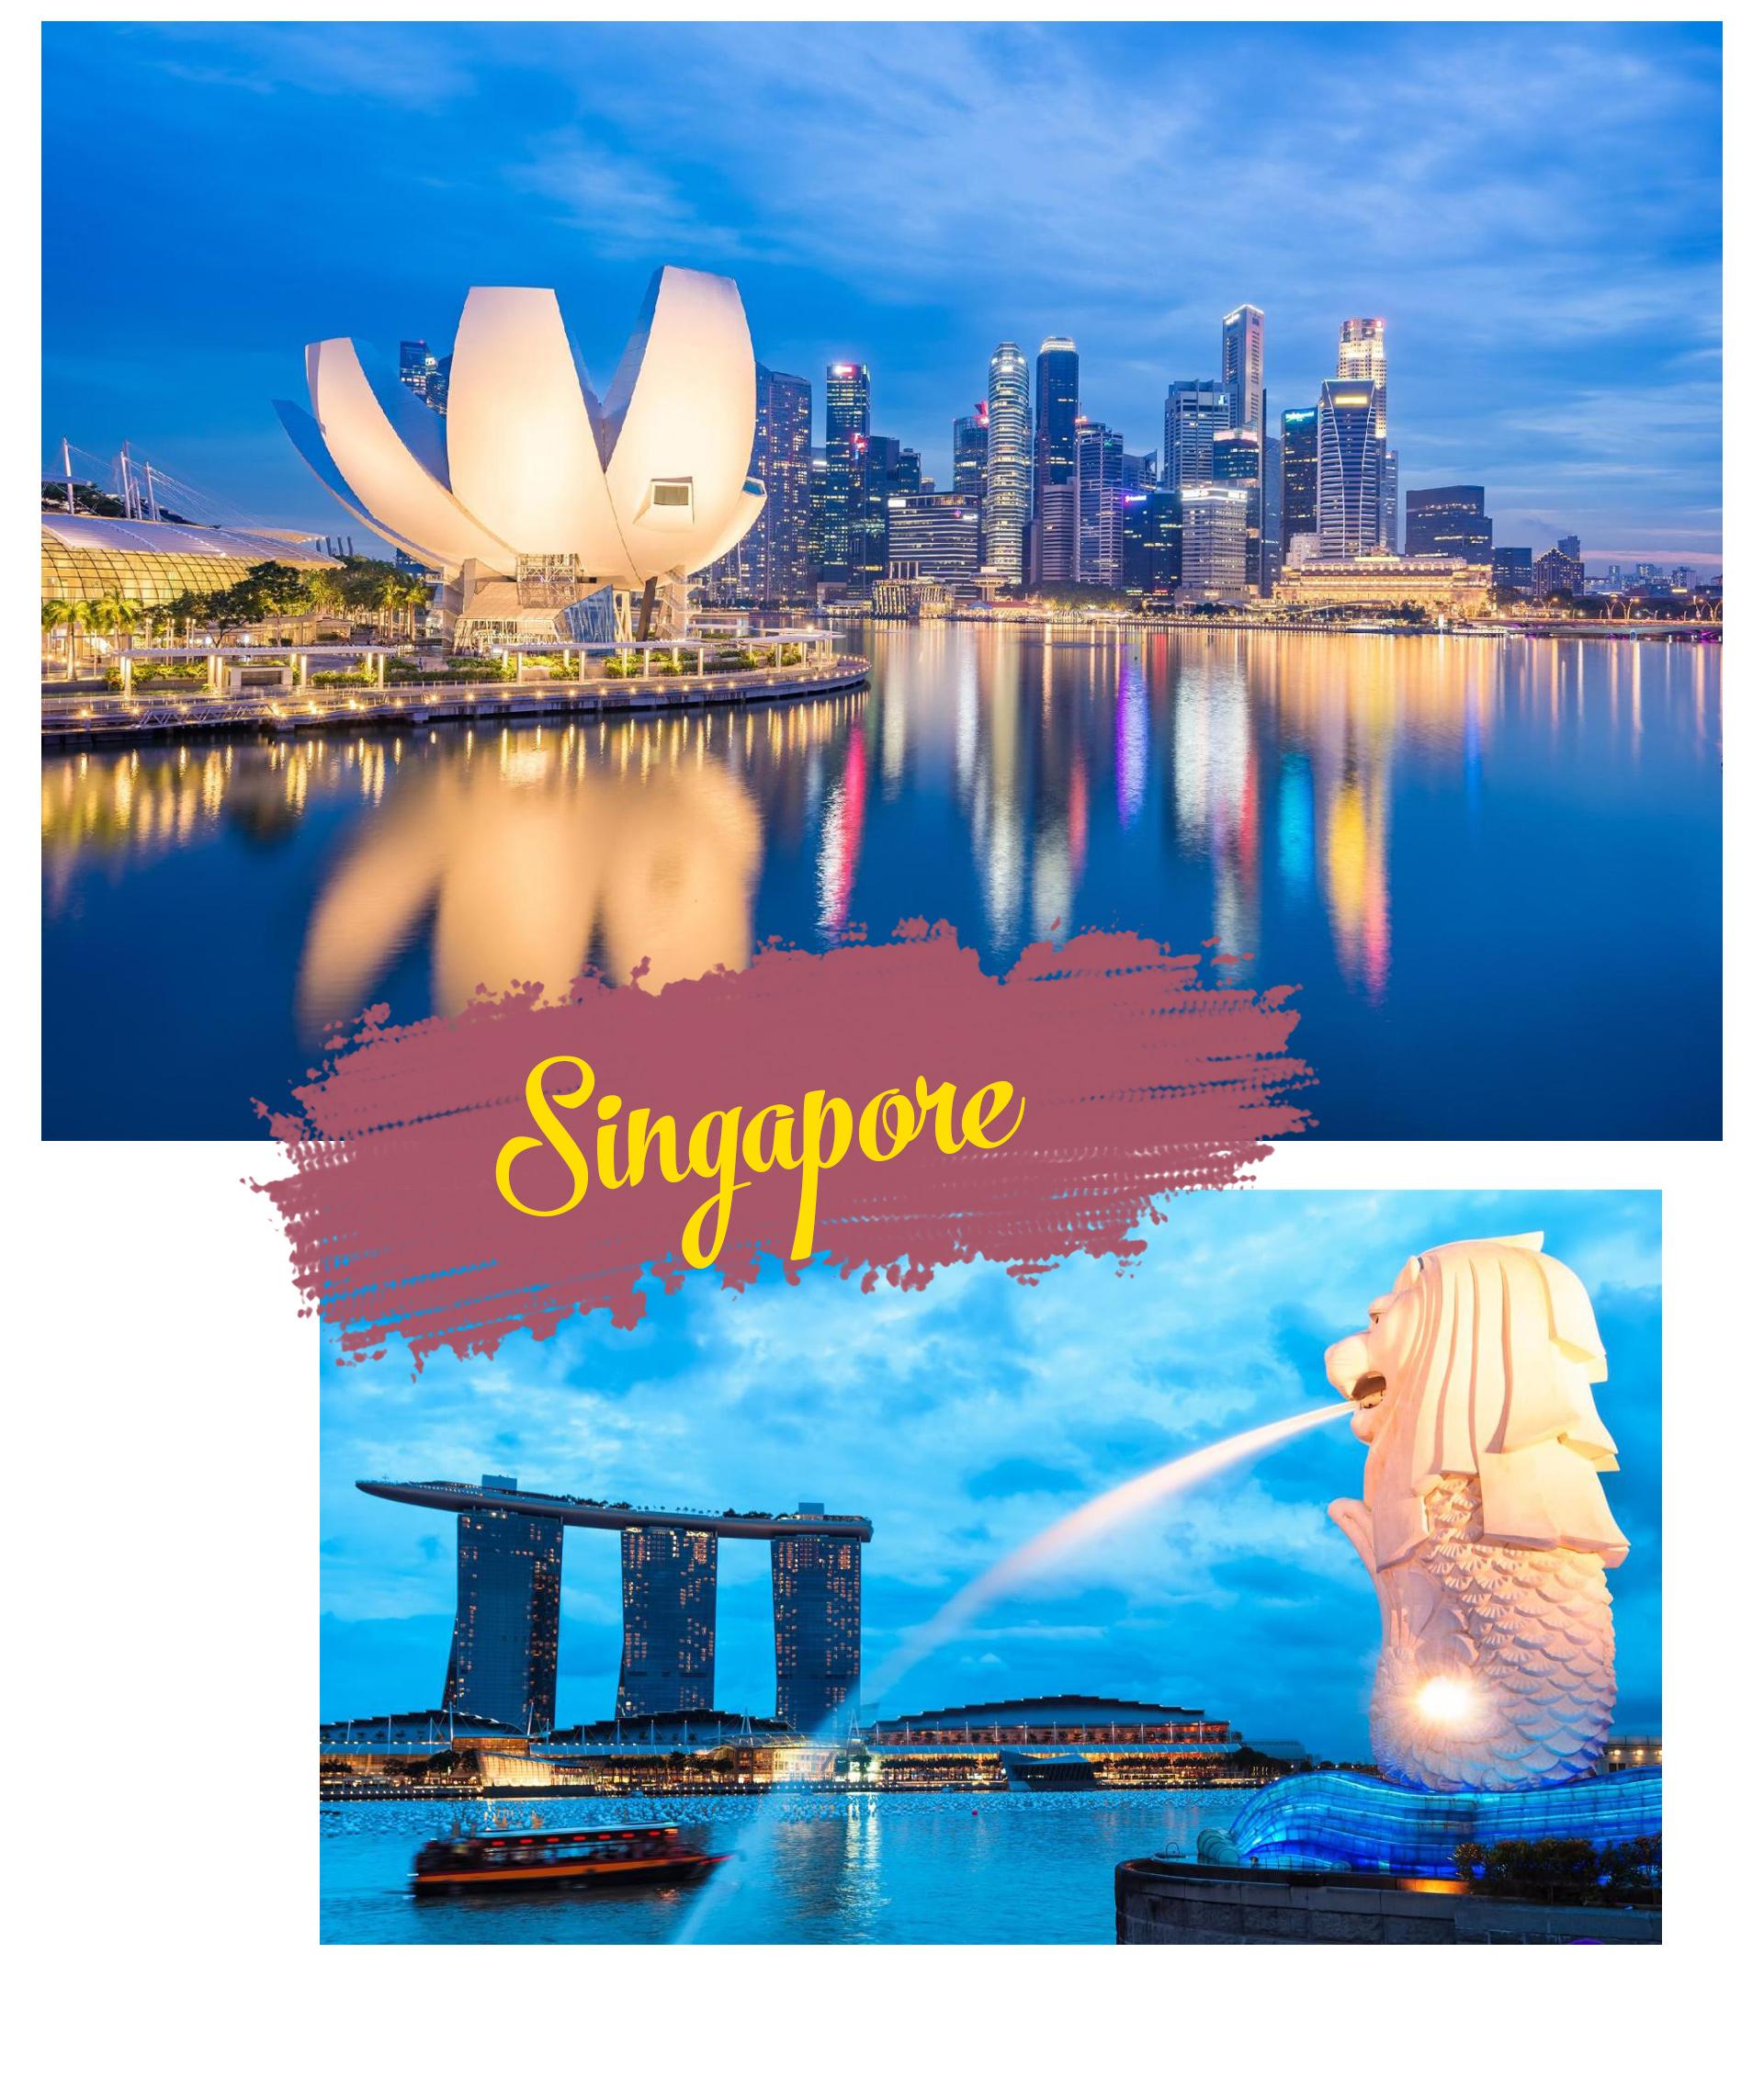 12 trải nghiệm mùa hè cực thú vị và ấn tượng ở Đông Nam Á - 11